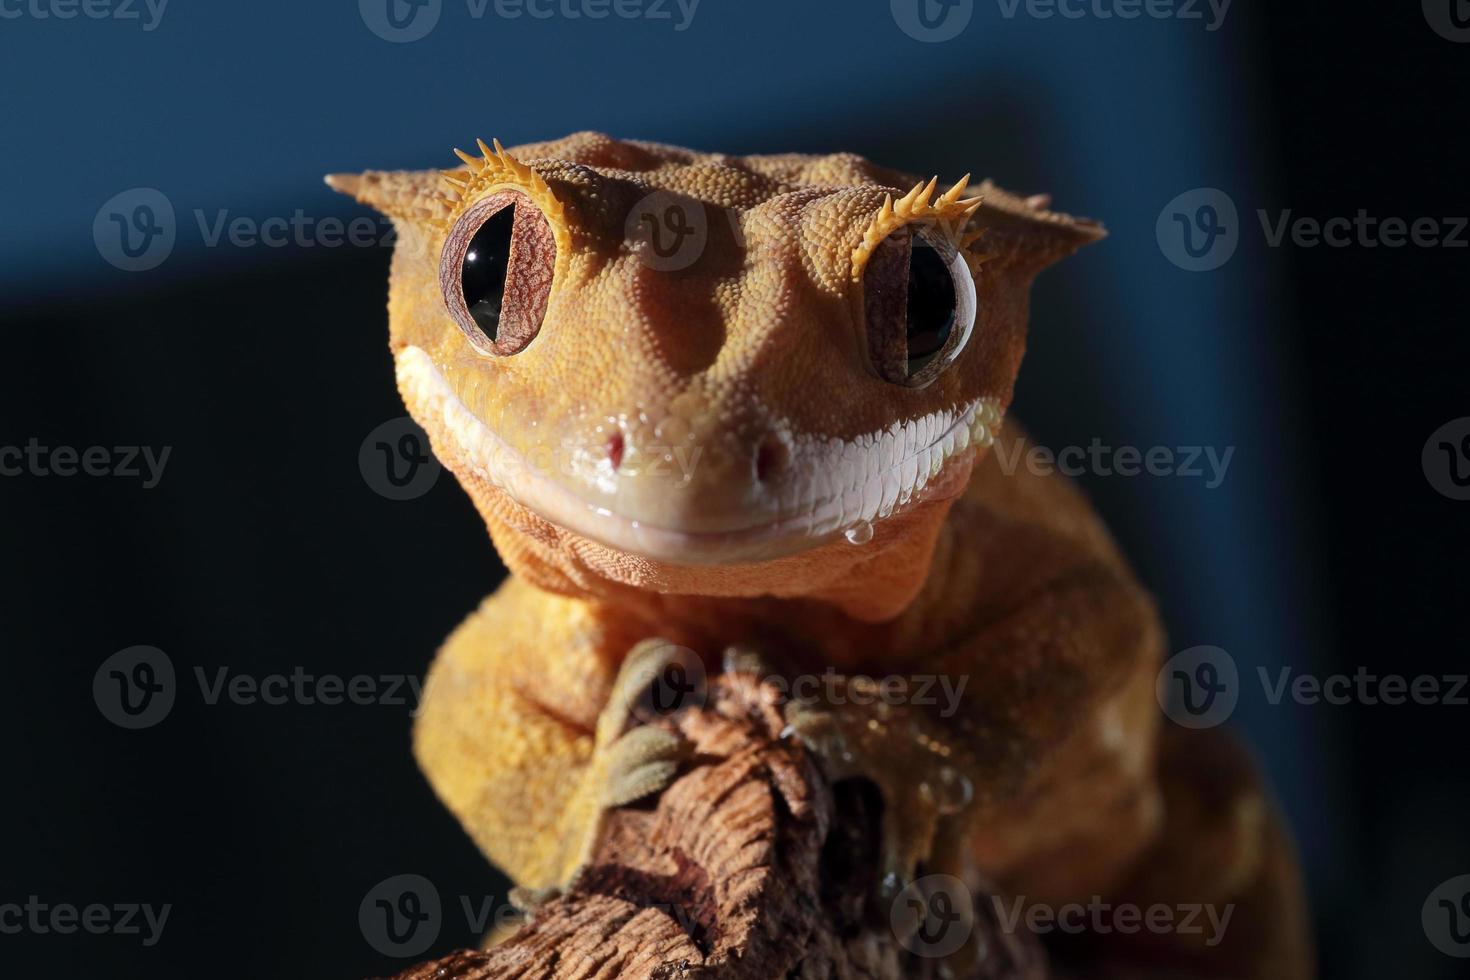 lagartixa criada da Caledônia, olhando para a câmera foto